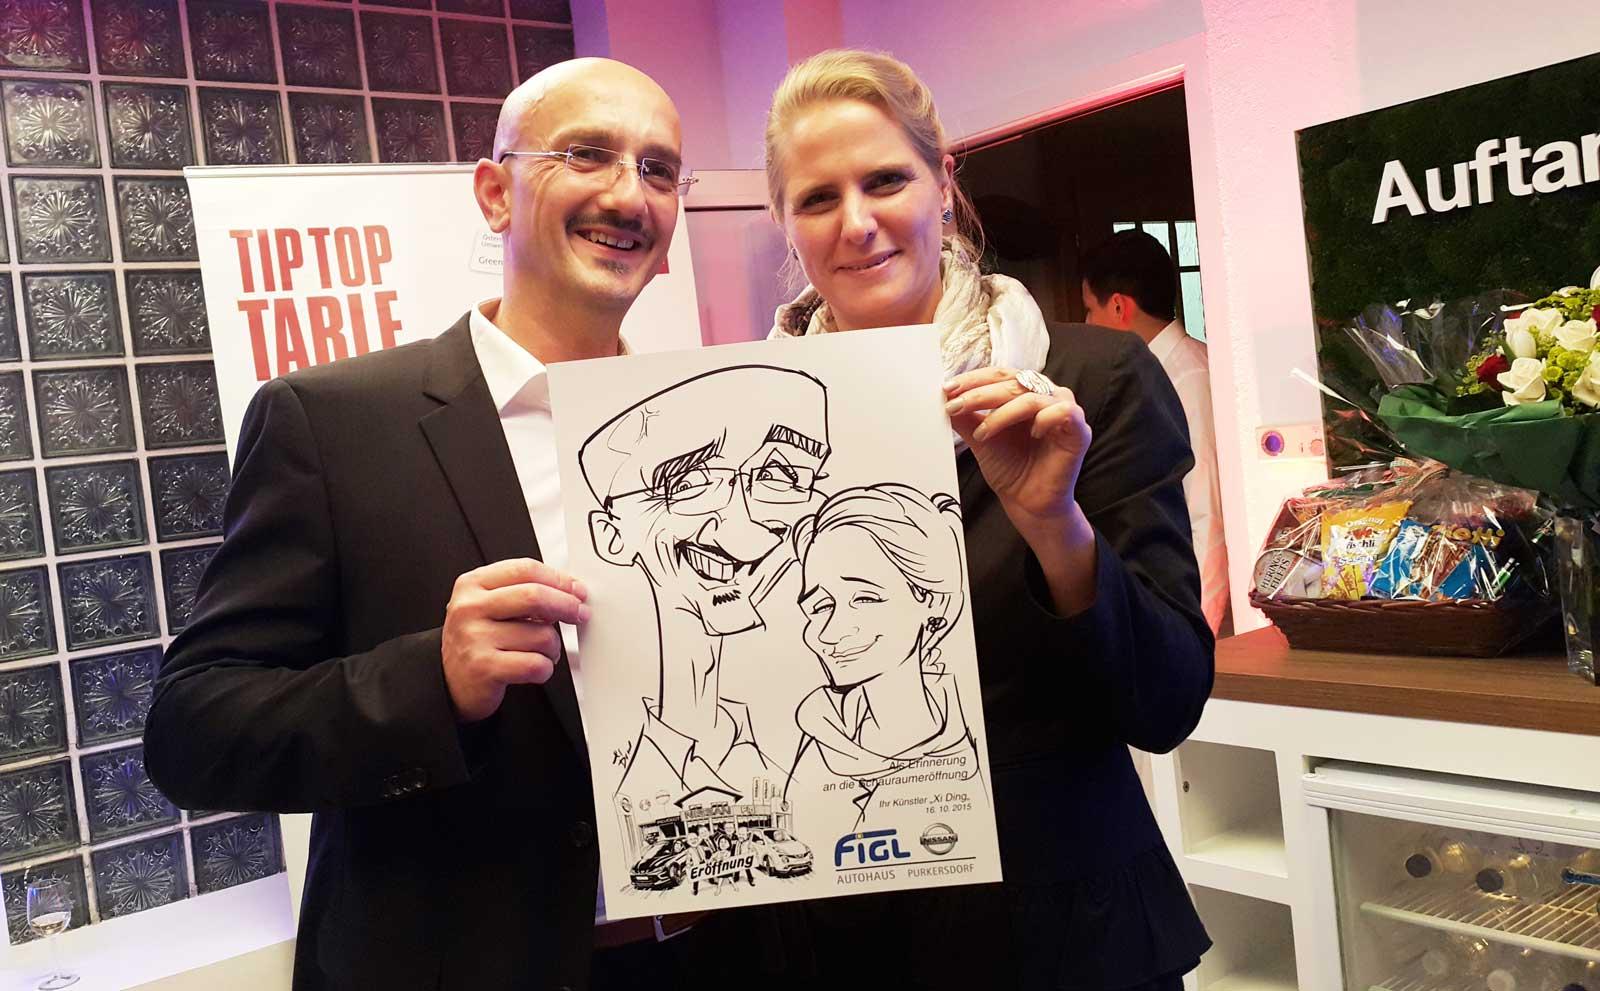 Karikaturist und Schnellzeichner für St. Gallen